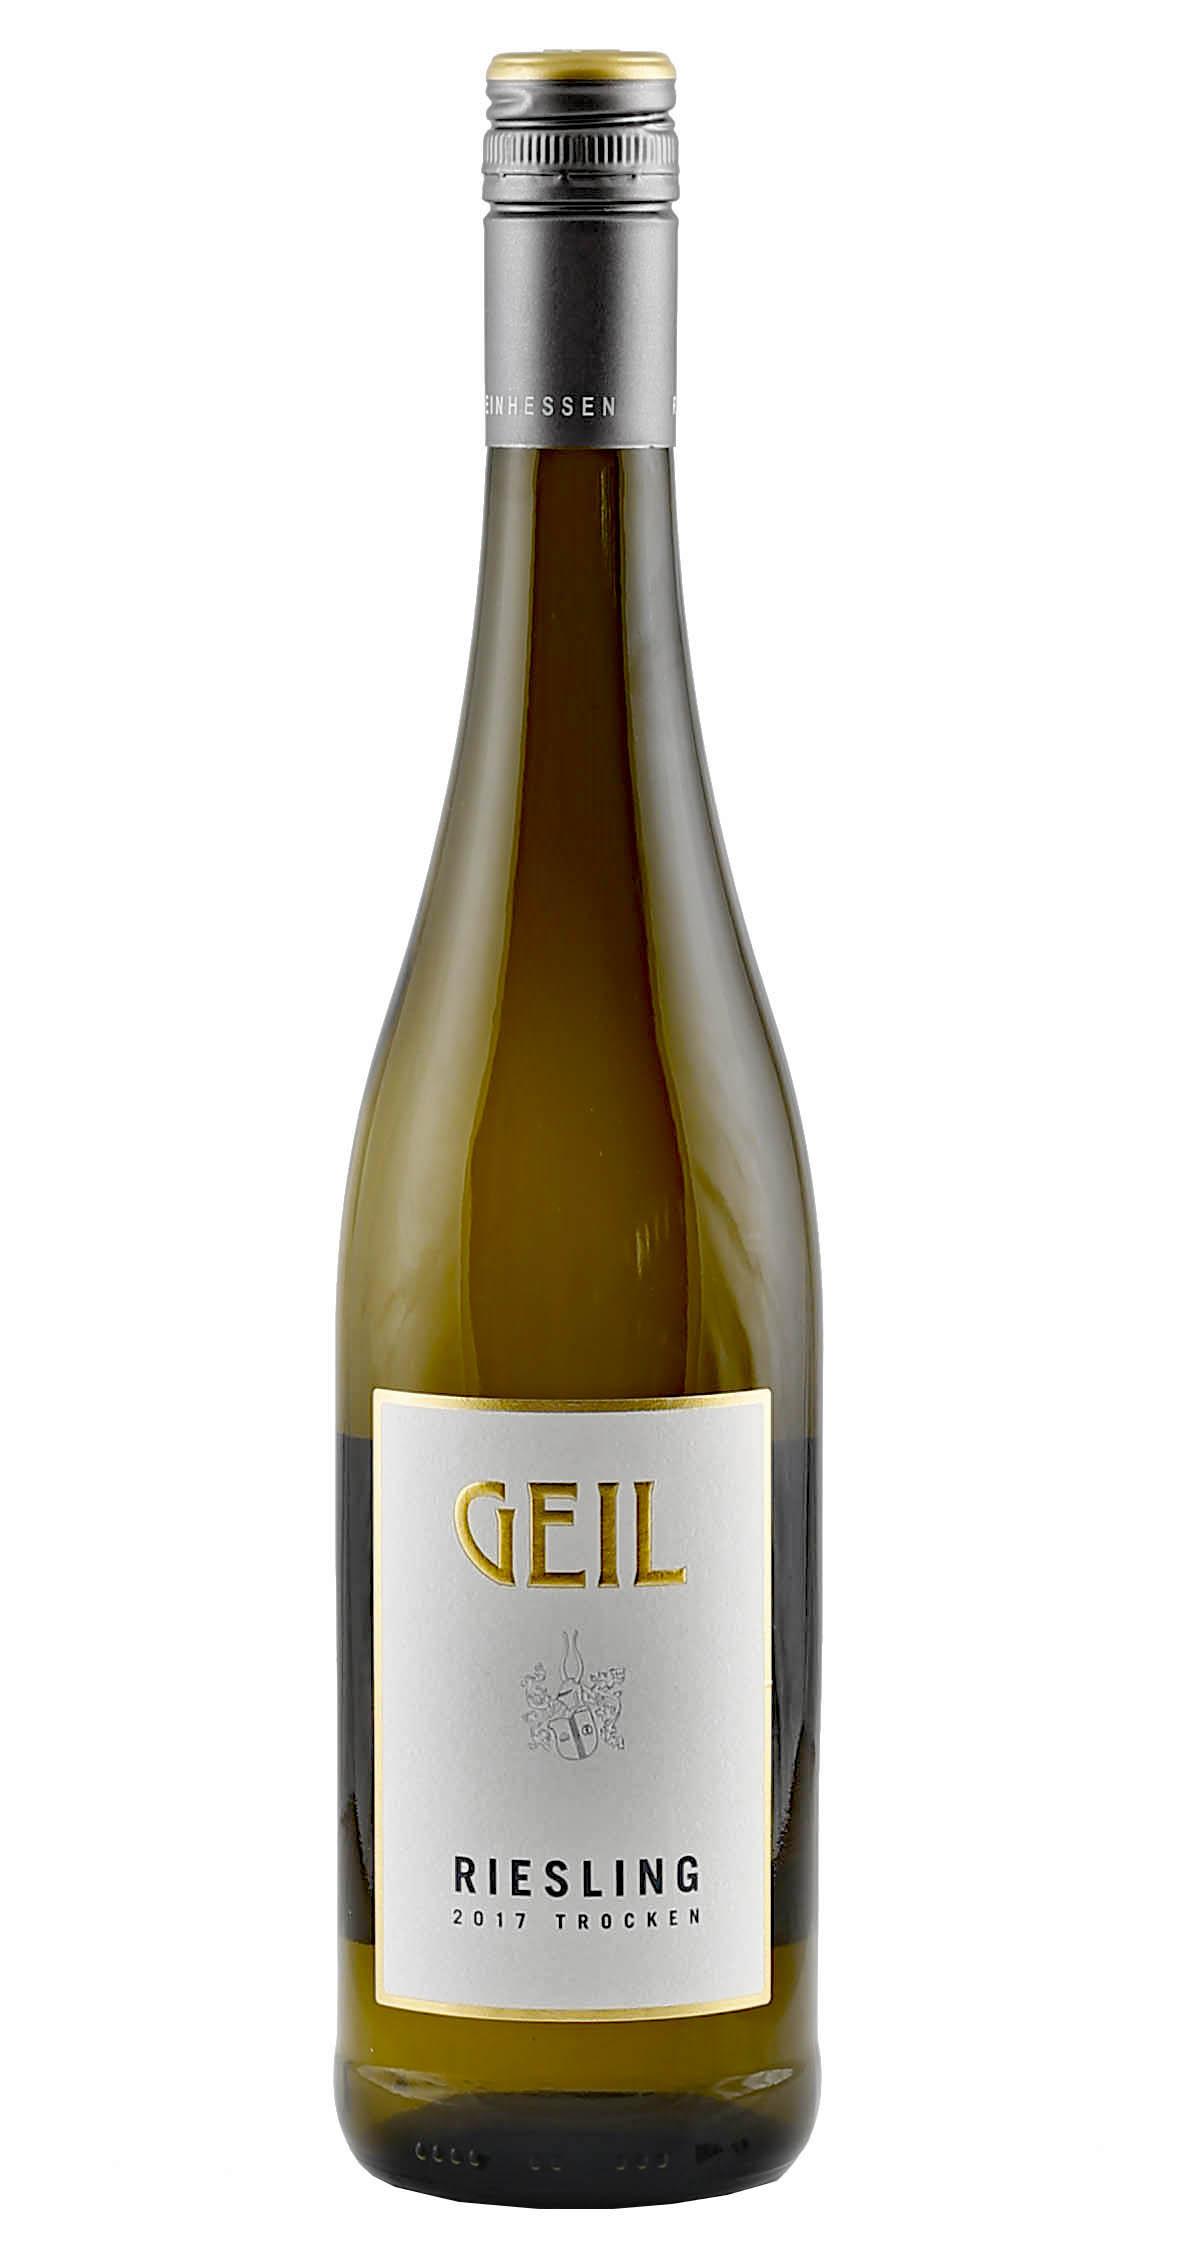 Produktbild zu Geil Riesling trocken 2019 von Geil